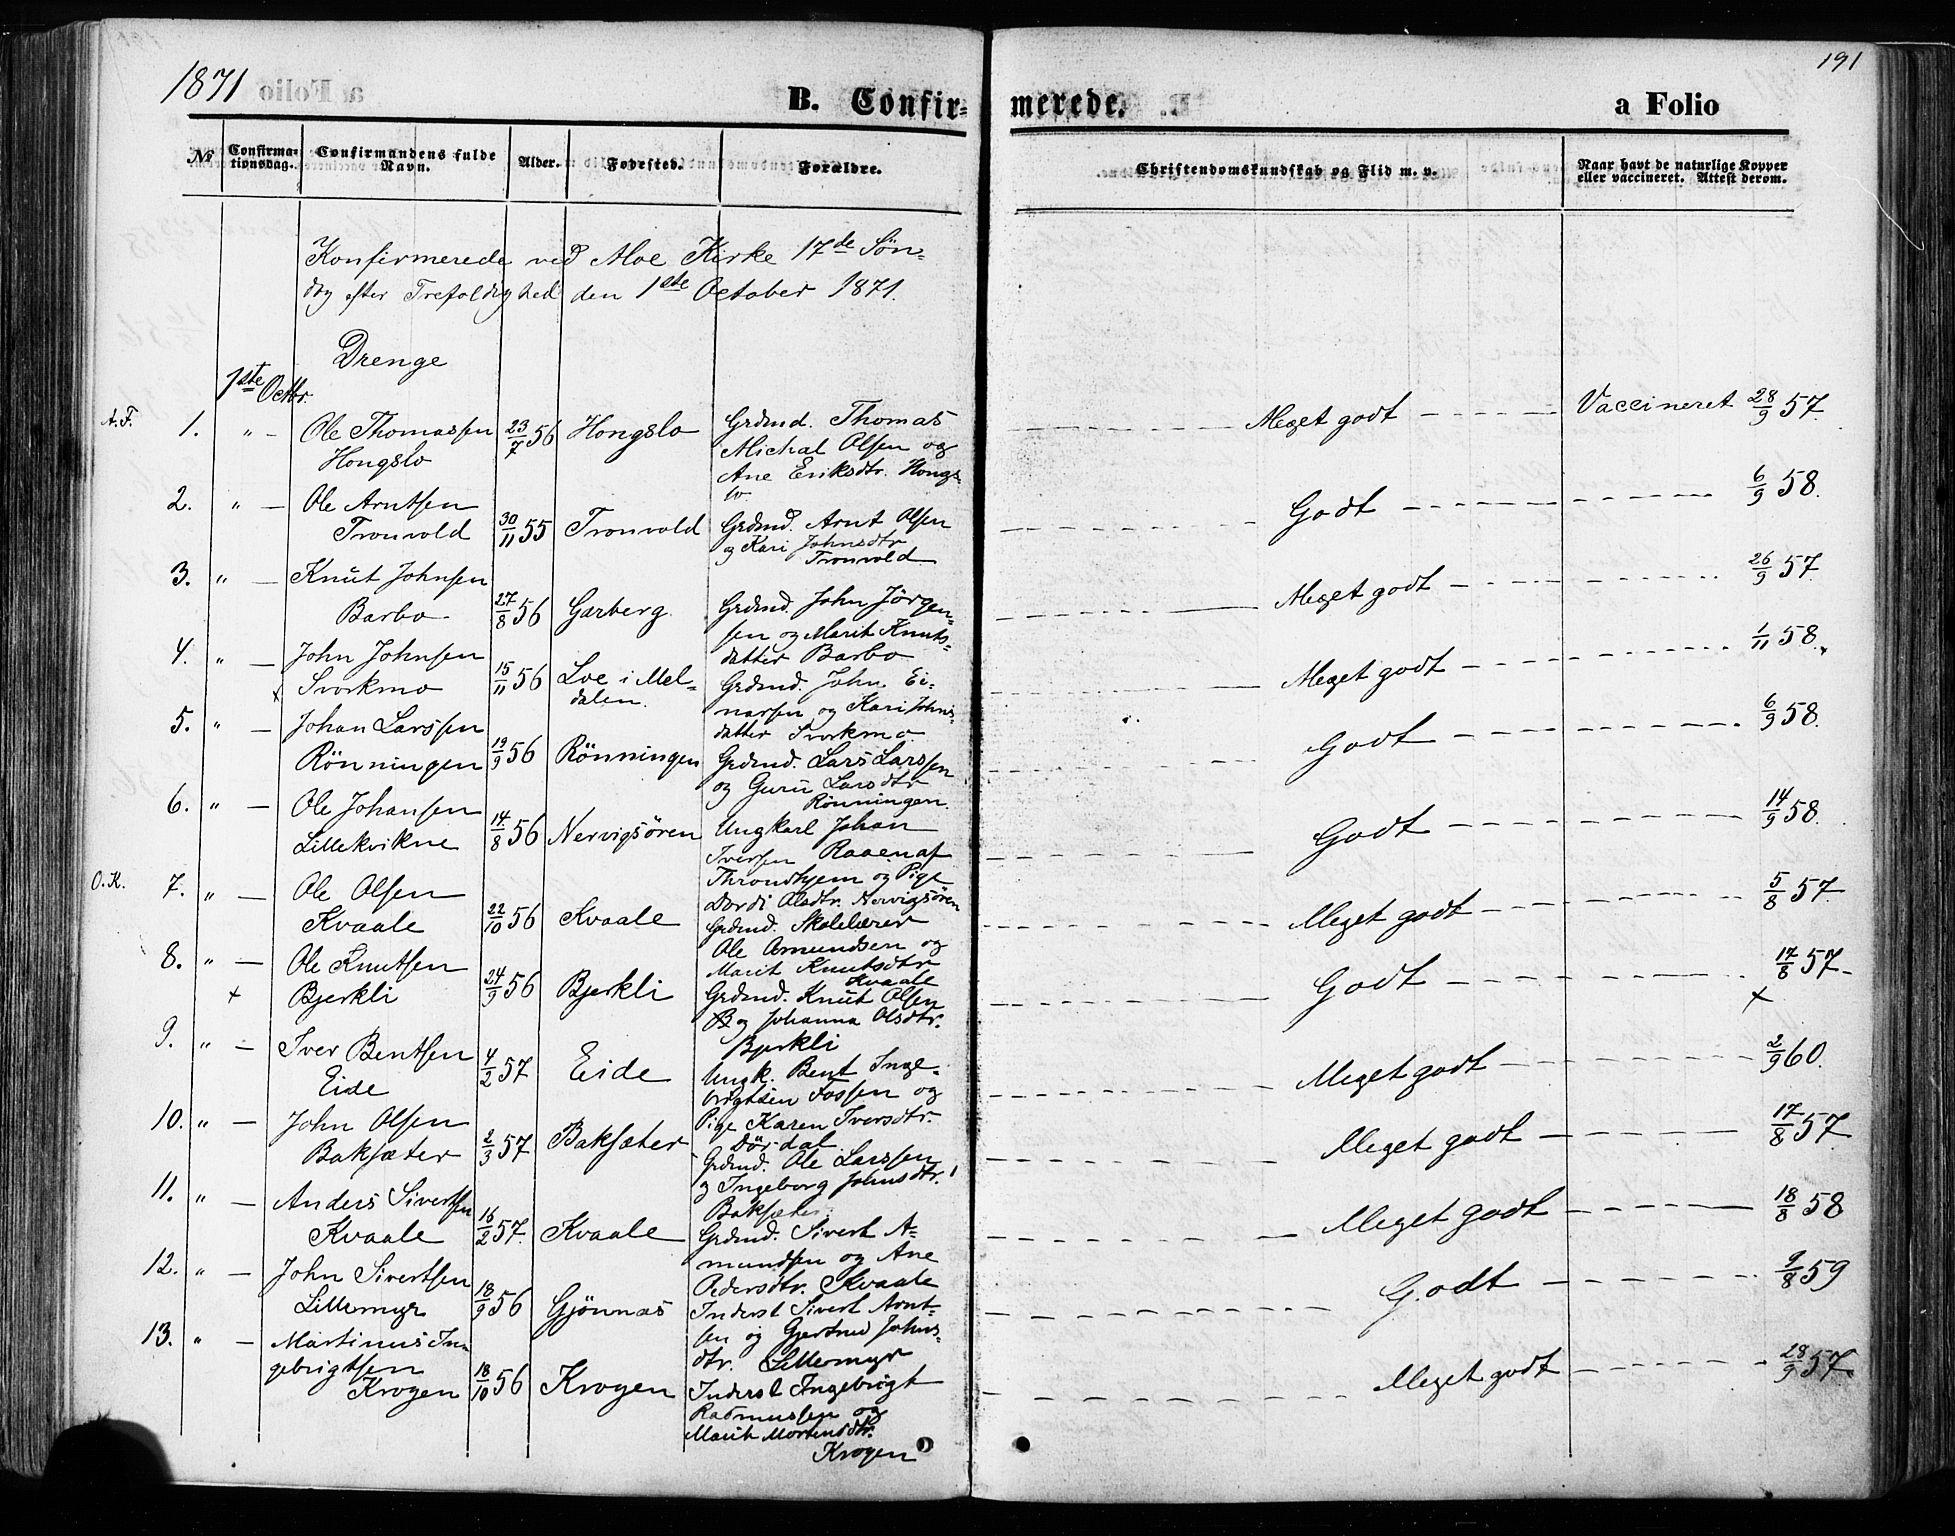 SAT, Ministerialprotokoller, klokkerbøker og fødselsregistre - Sør-Trøndelag, 668/L0807: Ministerialbok nr. 668A07, 1870-1880, s. 191